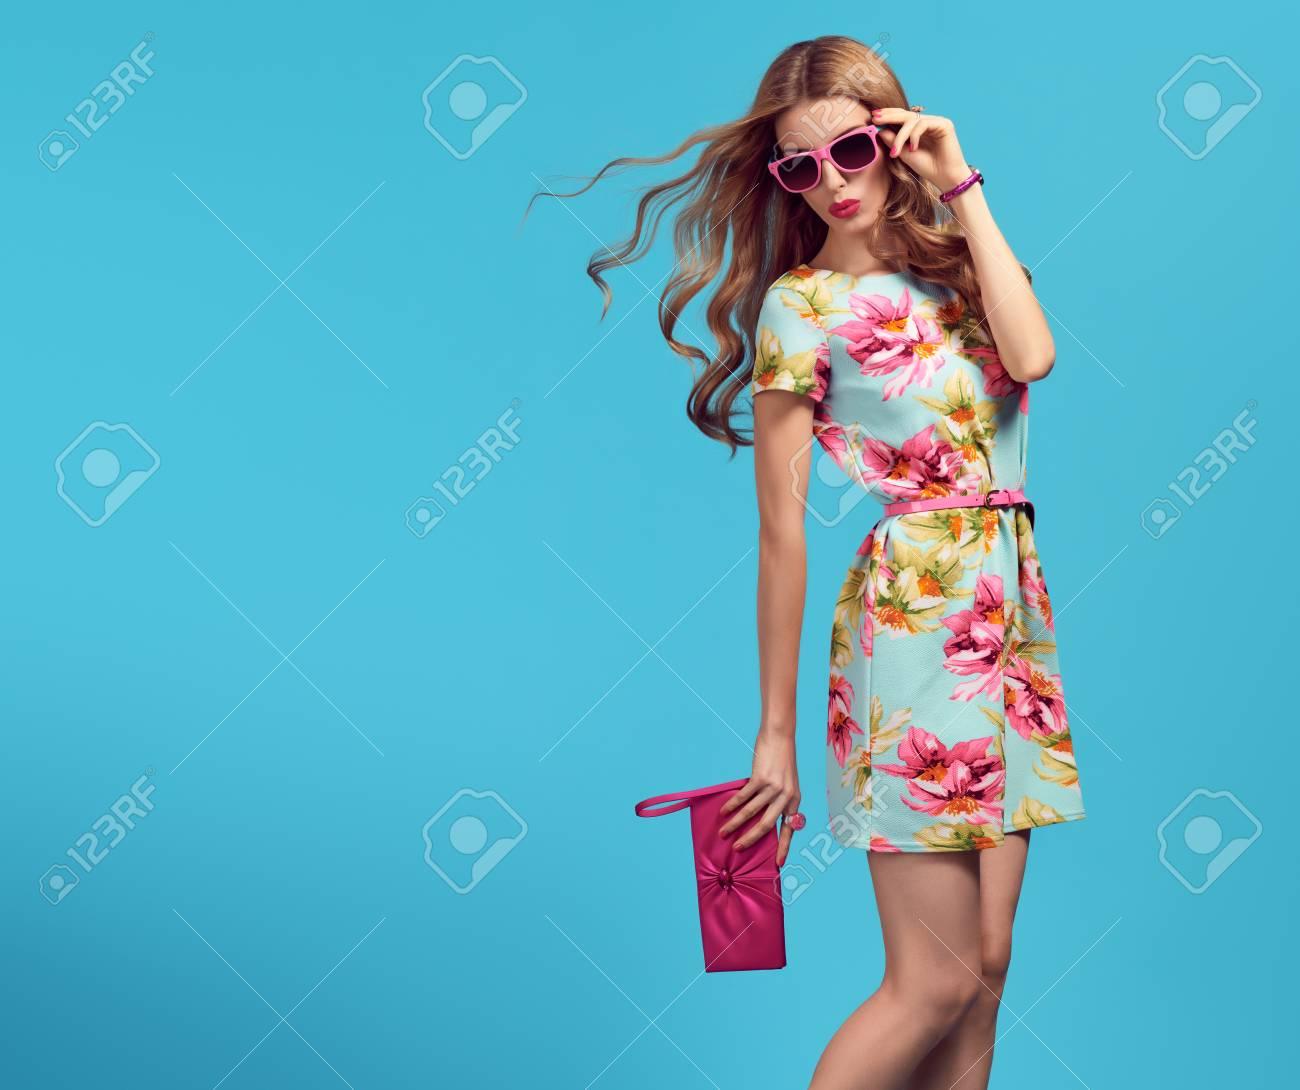 12d7d61e758 Foto de archivo - Moda. Mujer rubia en pose de moda. Señora joven belleza  en vestido de flores Soplando los labios. Moda moda peinado